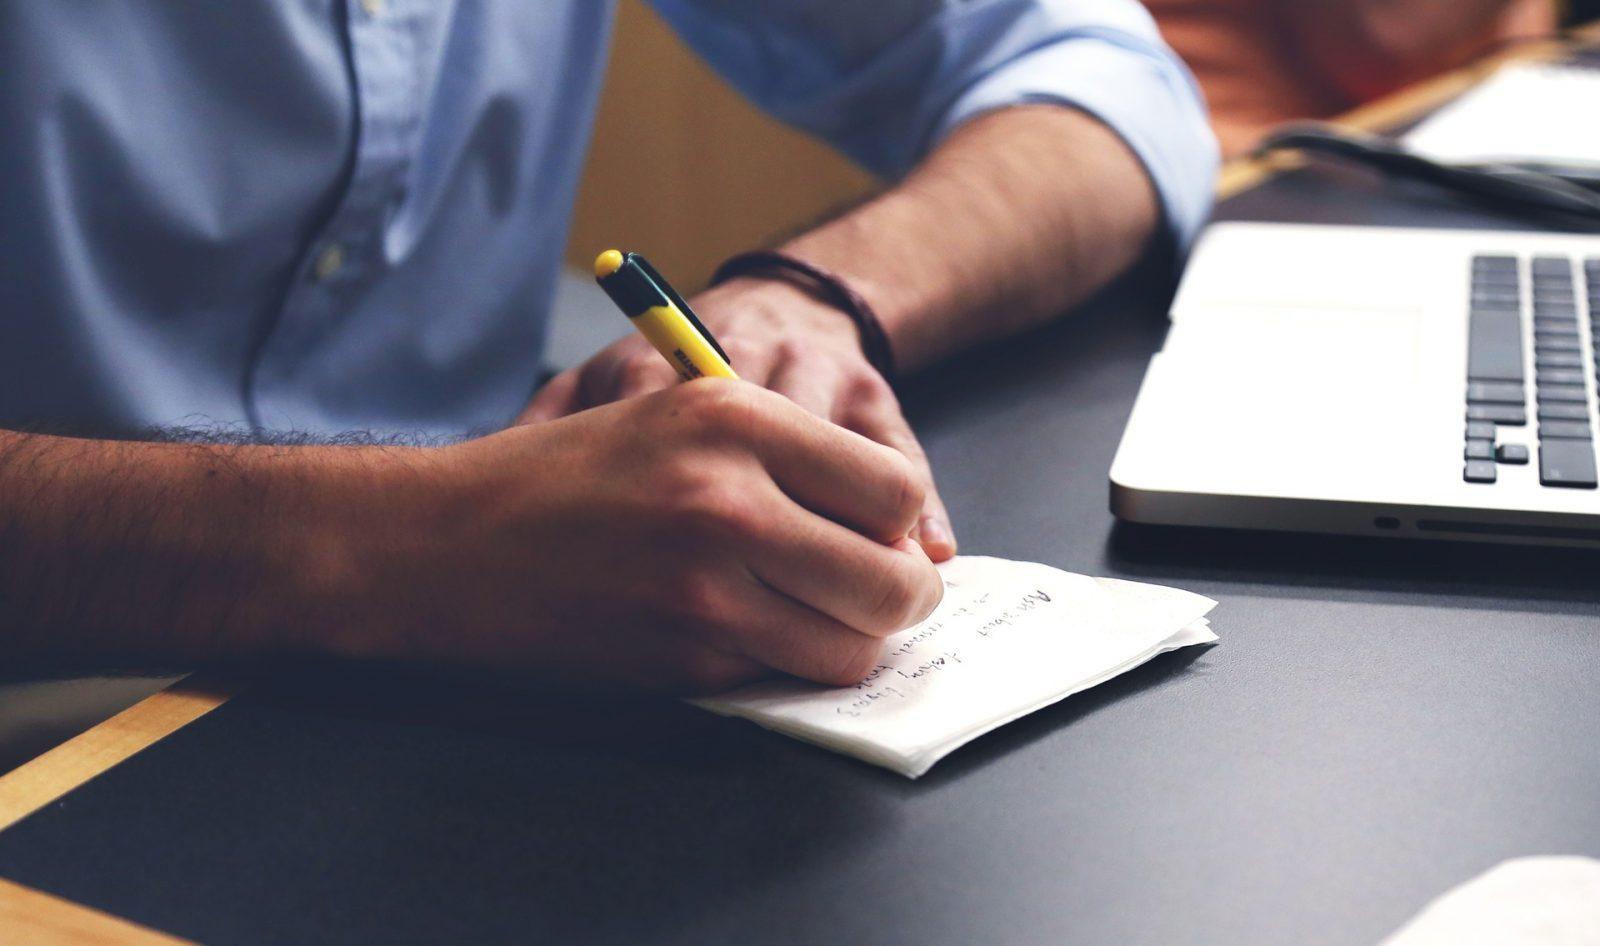 نصيحة يحيى حقي للكُتاب والمدونين، تعرف عليها الآن